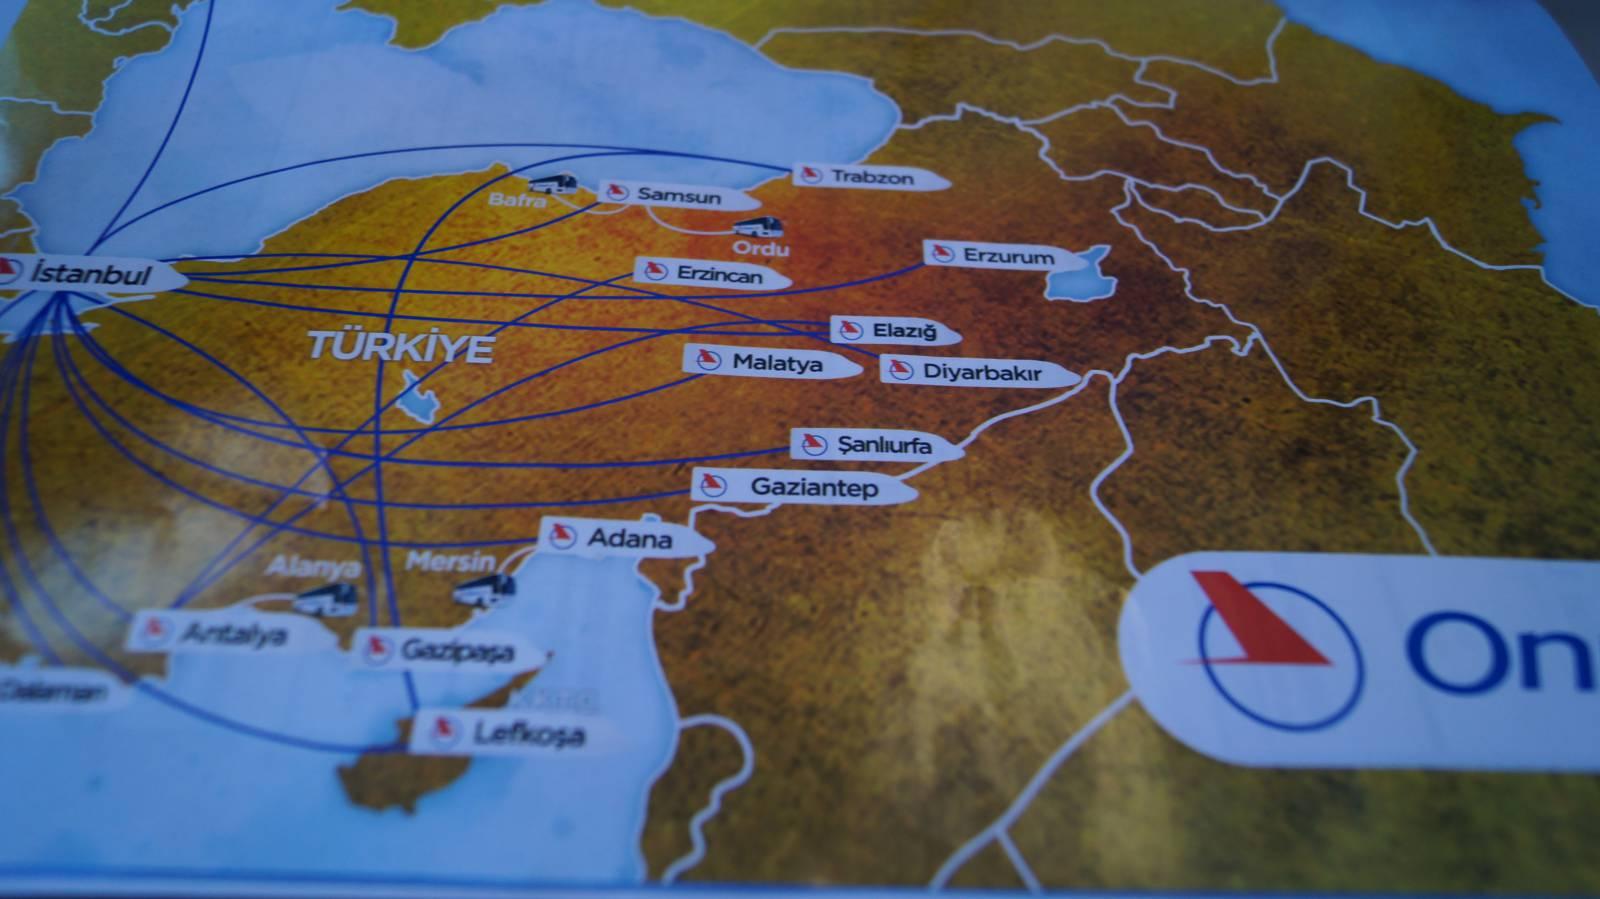 Журнал для пассажиров авиакомпании Onur Air